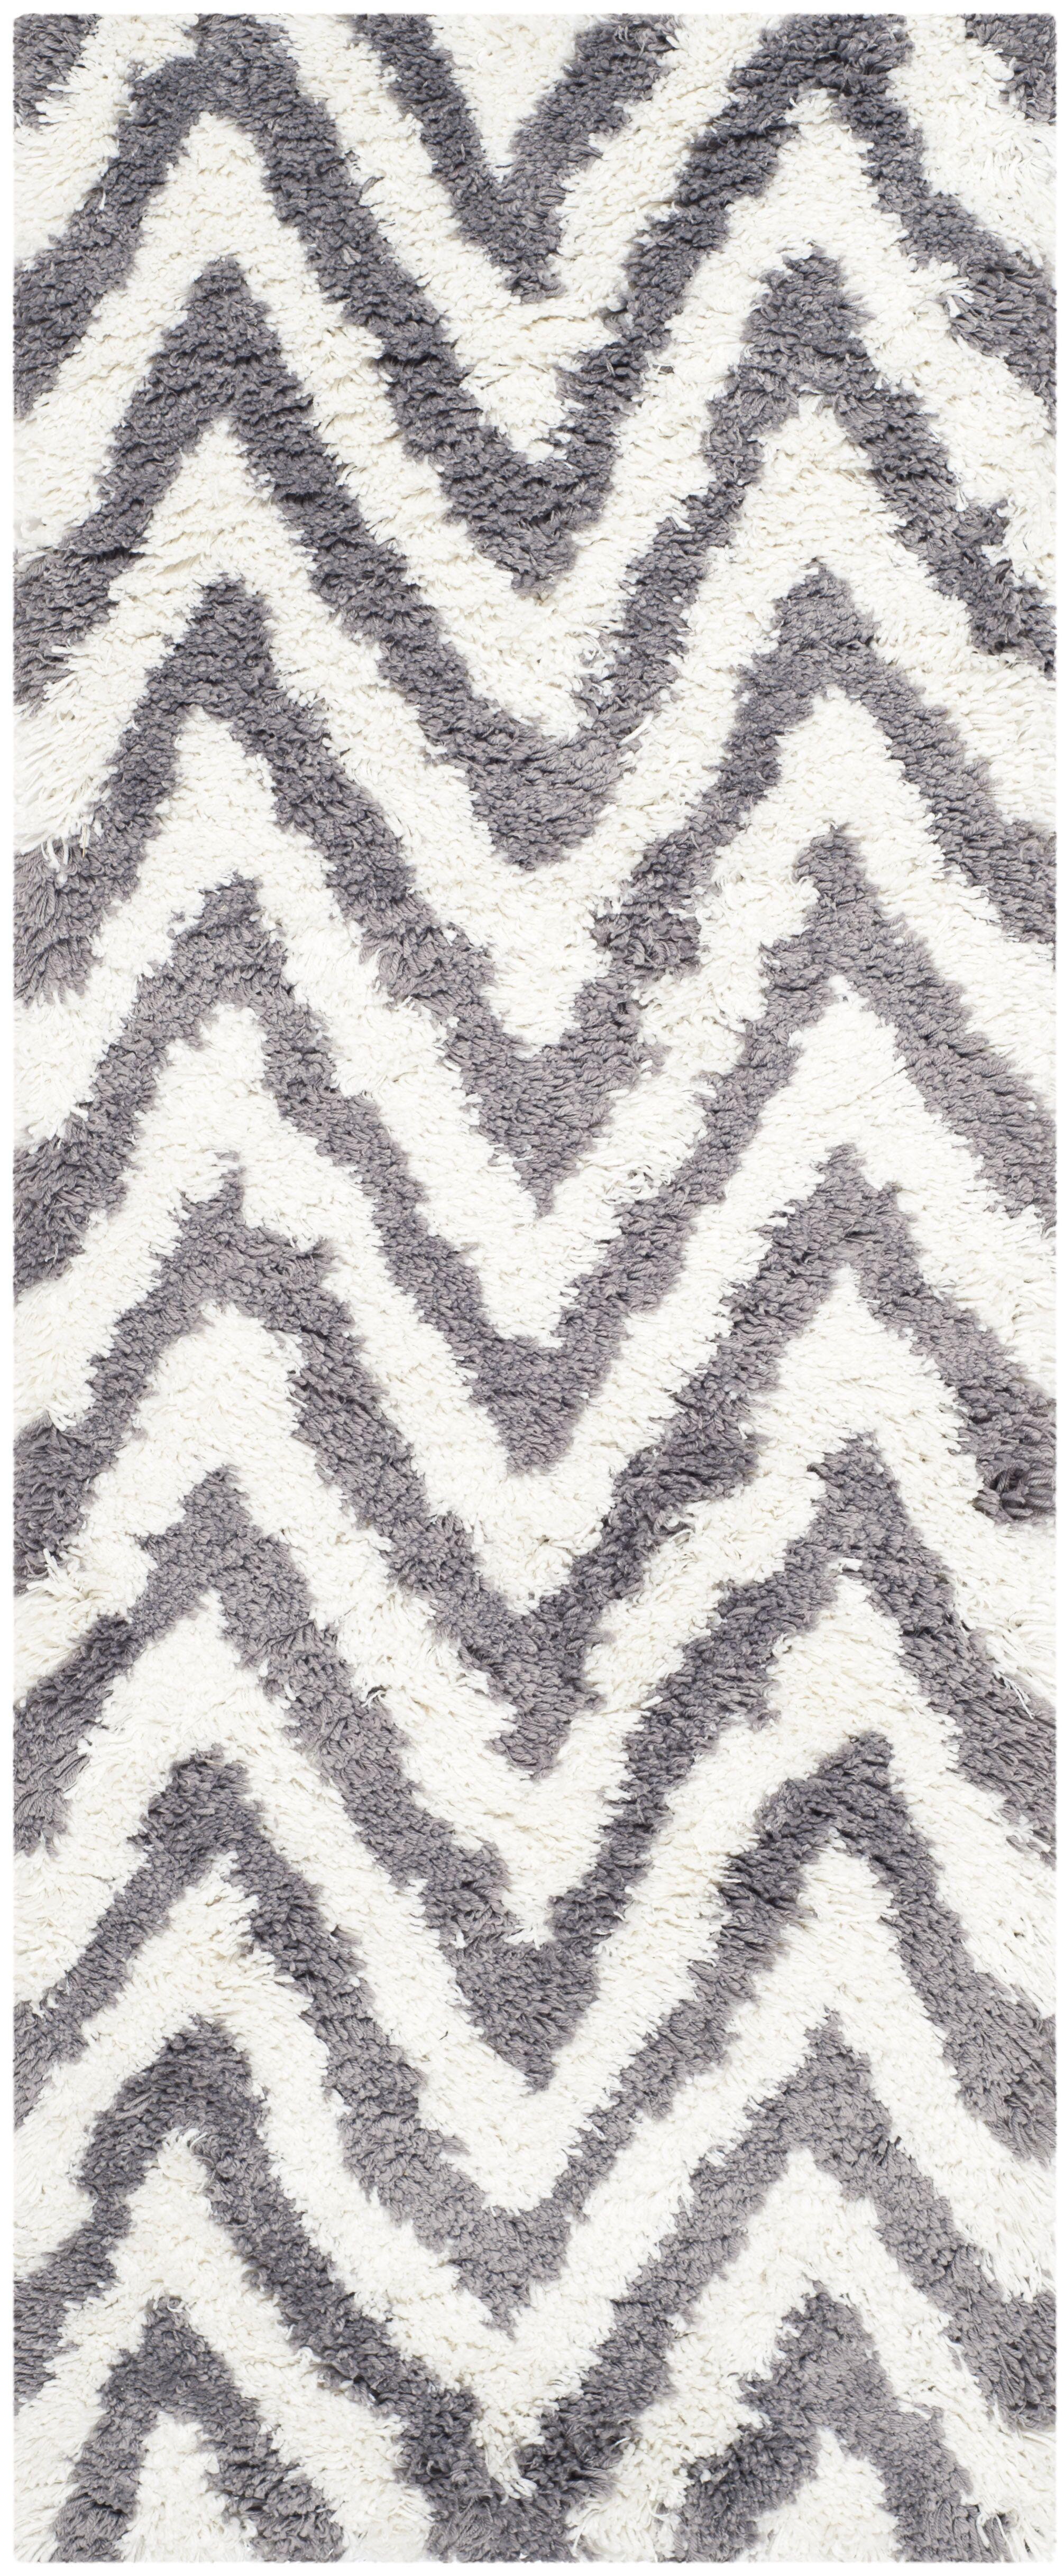 Haupt Gray/White Area Rug Rug Size: Runner 2'3